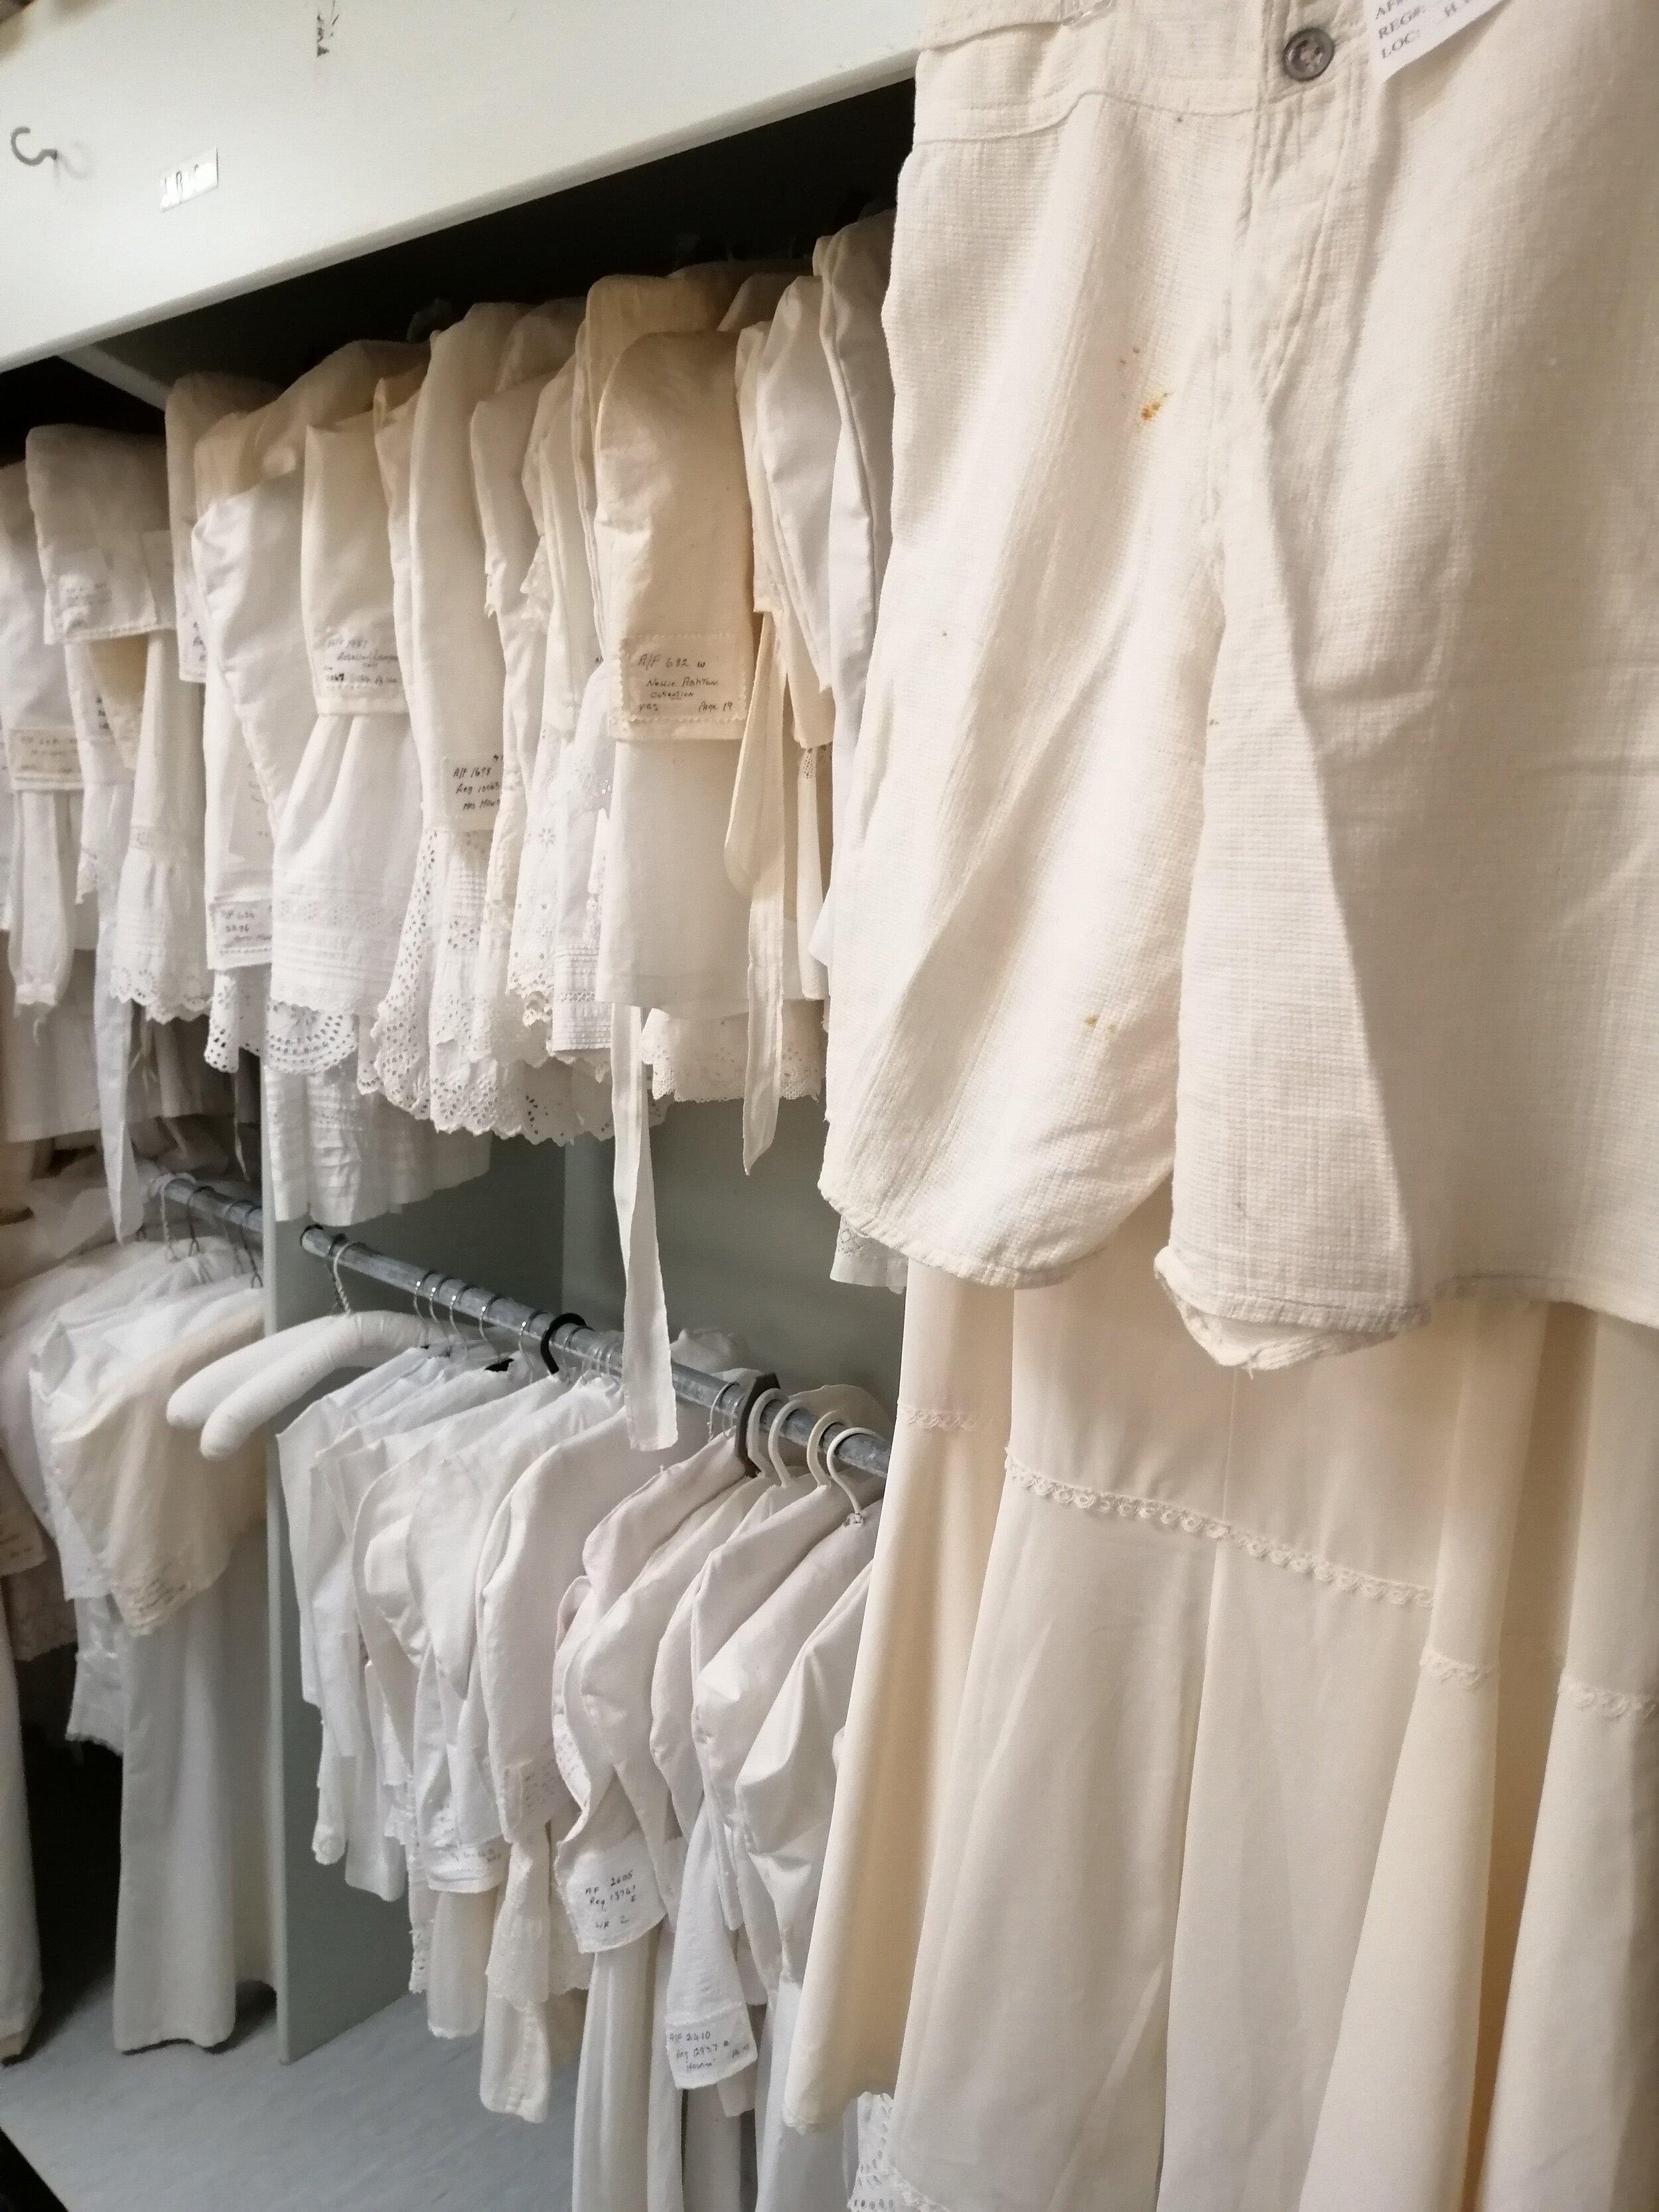 Textiles Department Storage.jpg